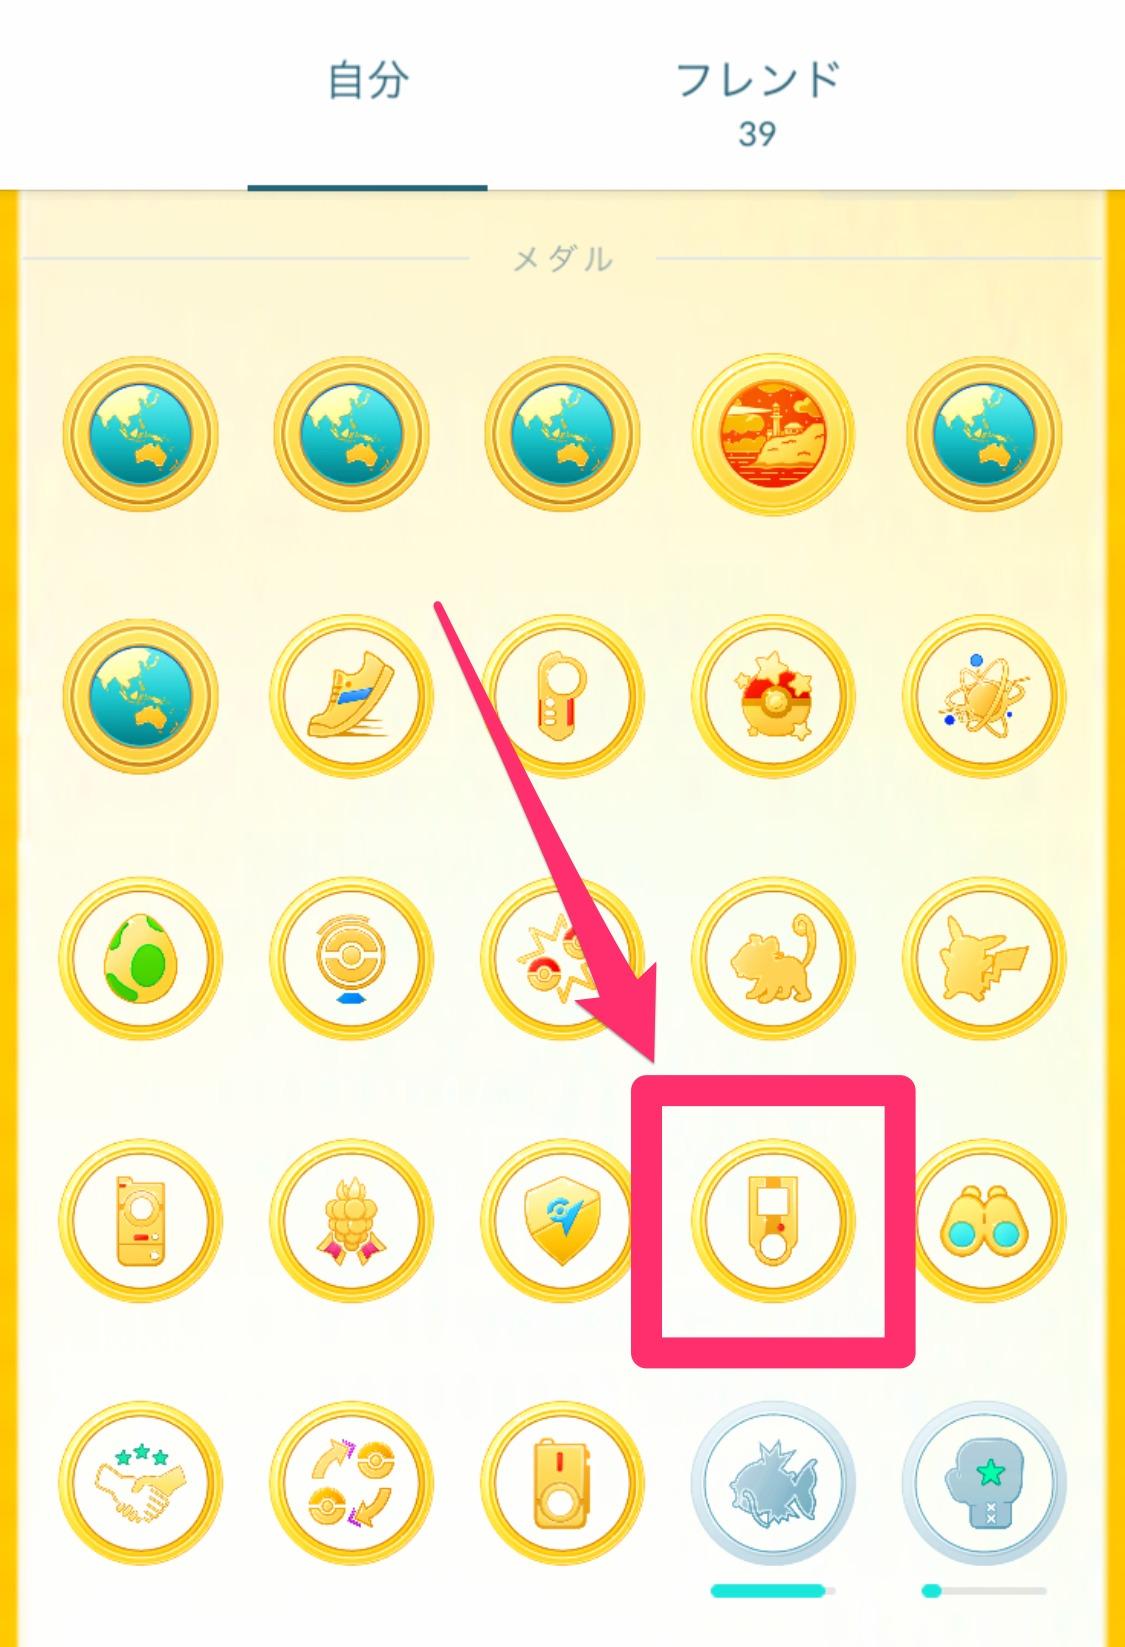 ポケモンgo 相棒 メダル